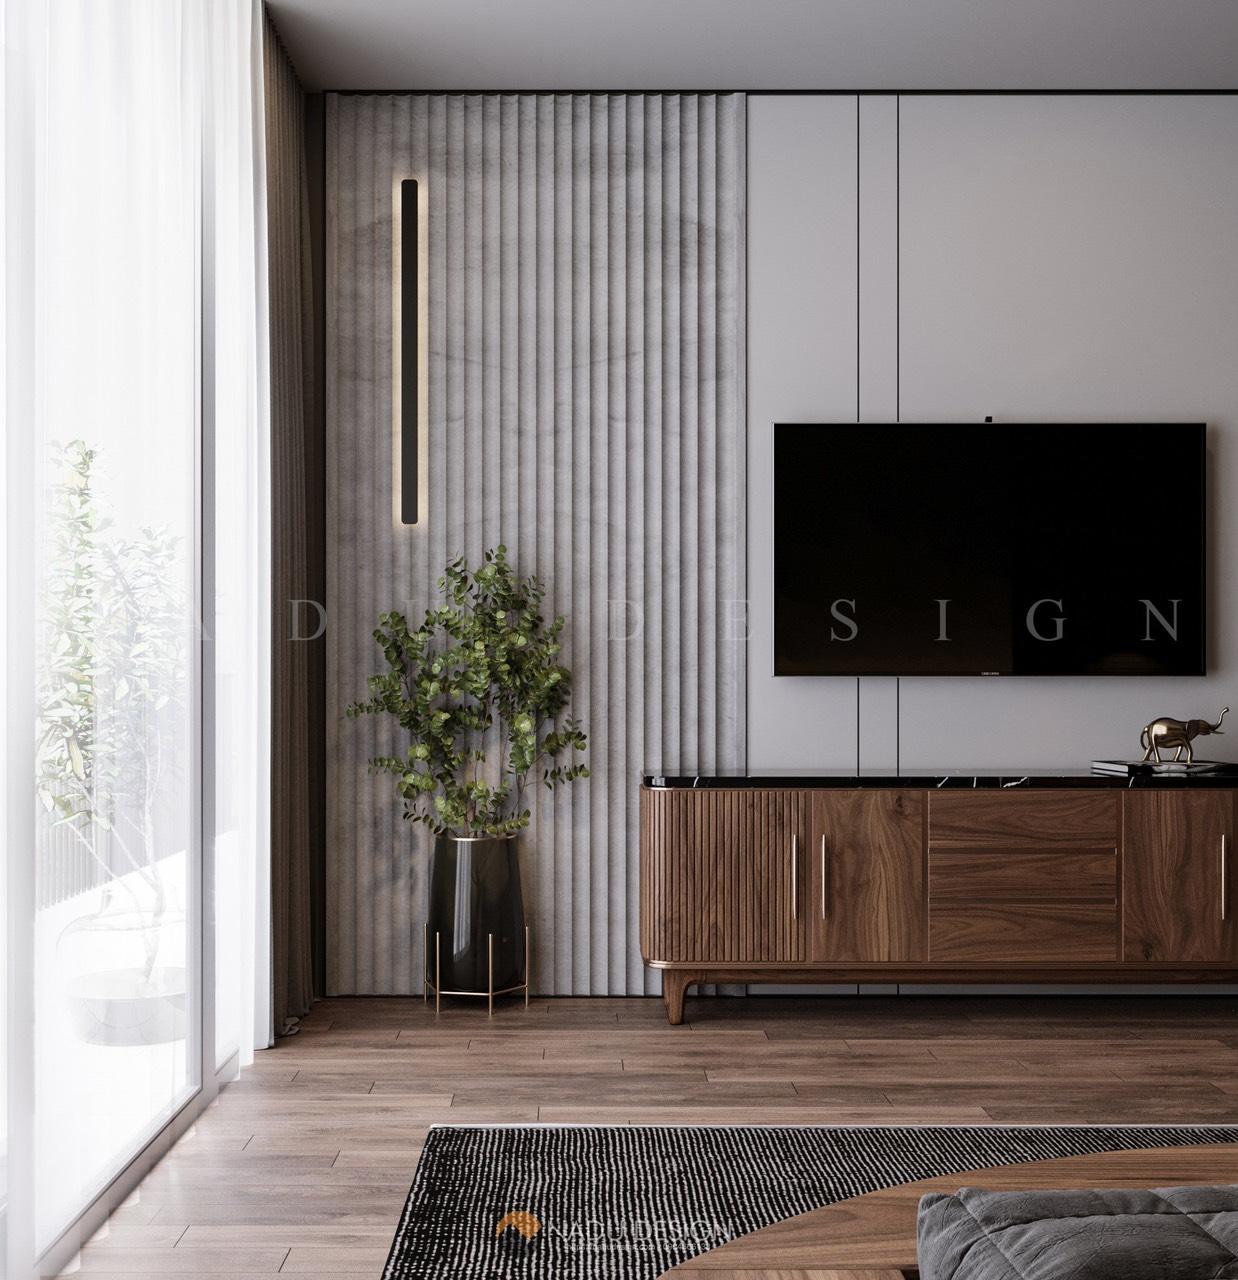 Thiết kế nội thất phòng ngủ 30m vuông sang trọng, đẹp